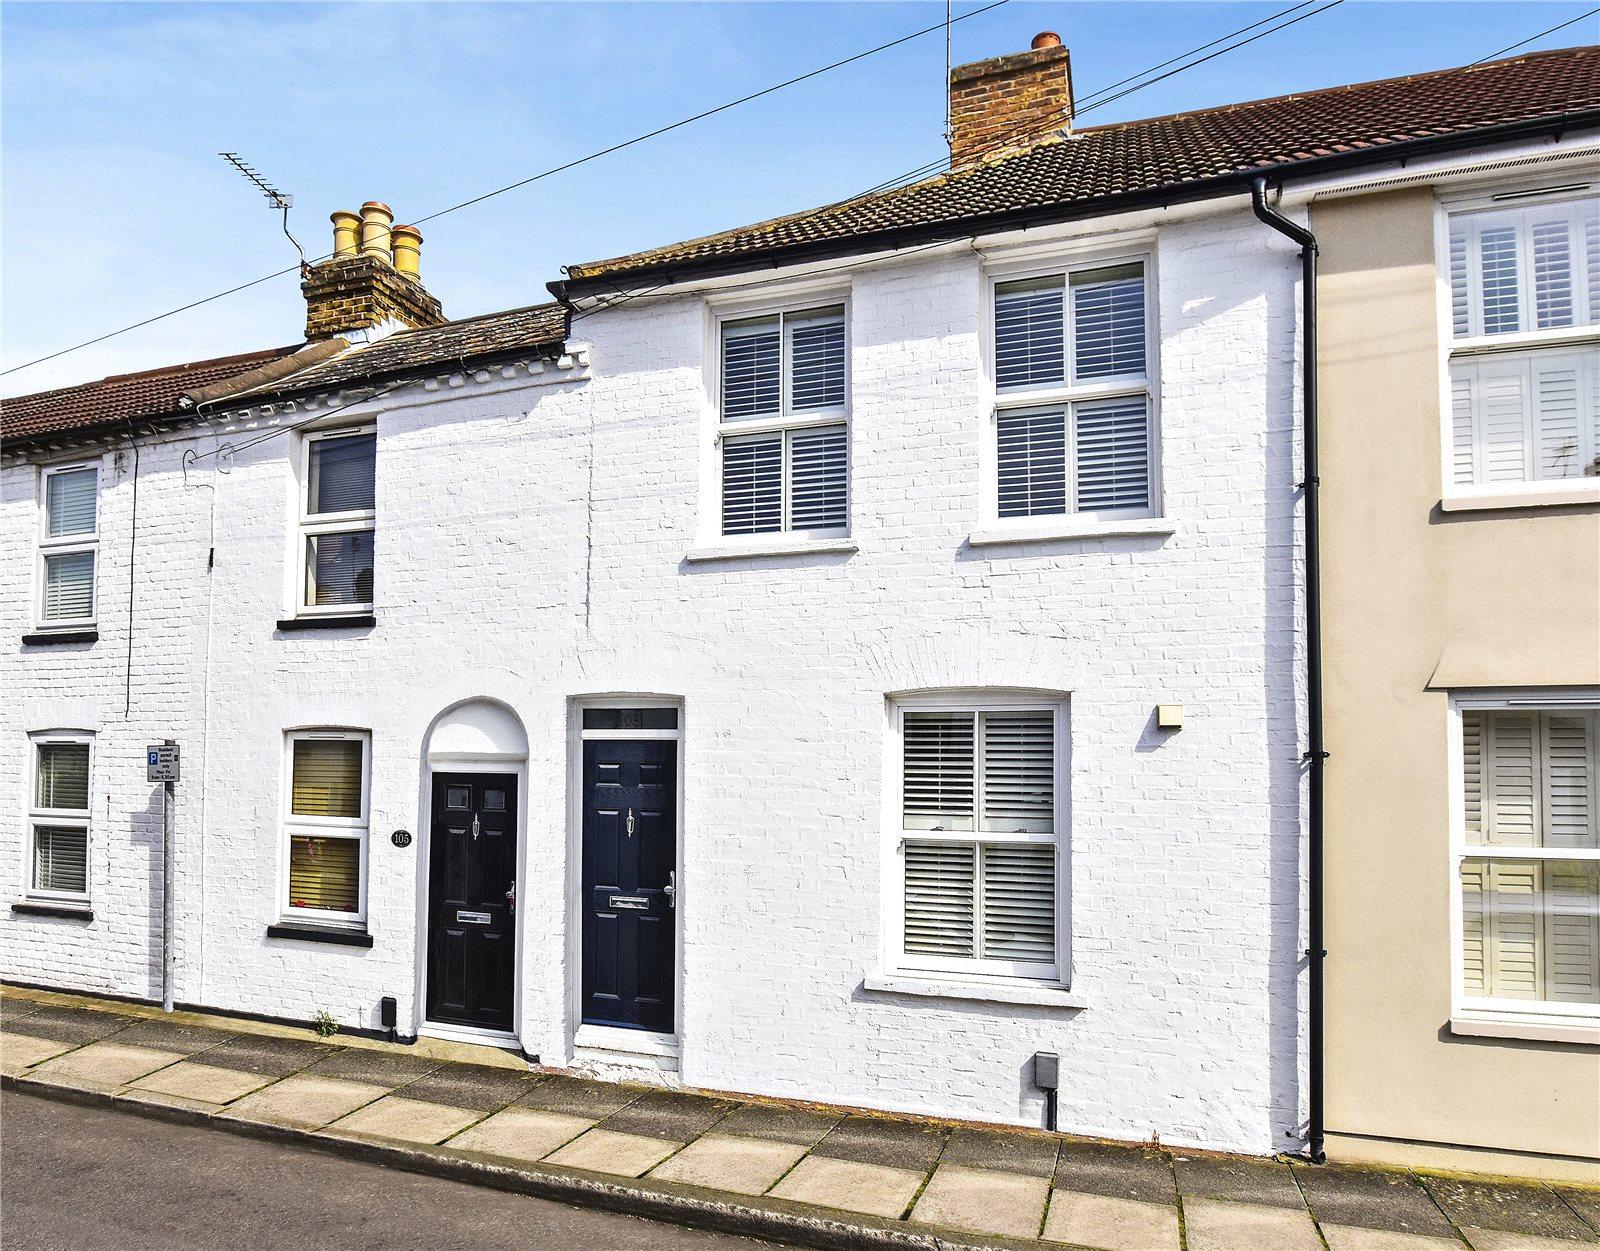 Albert Road, Bexley, Kent, DA5